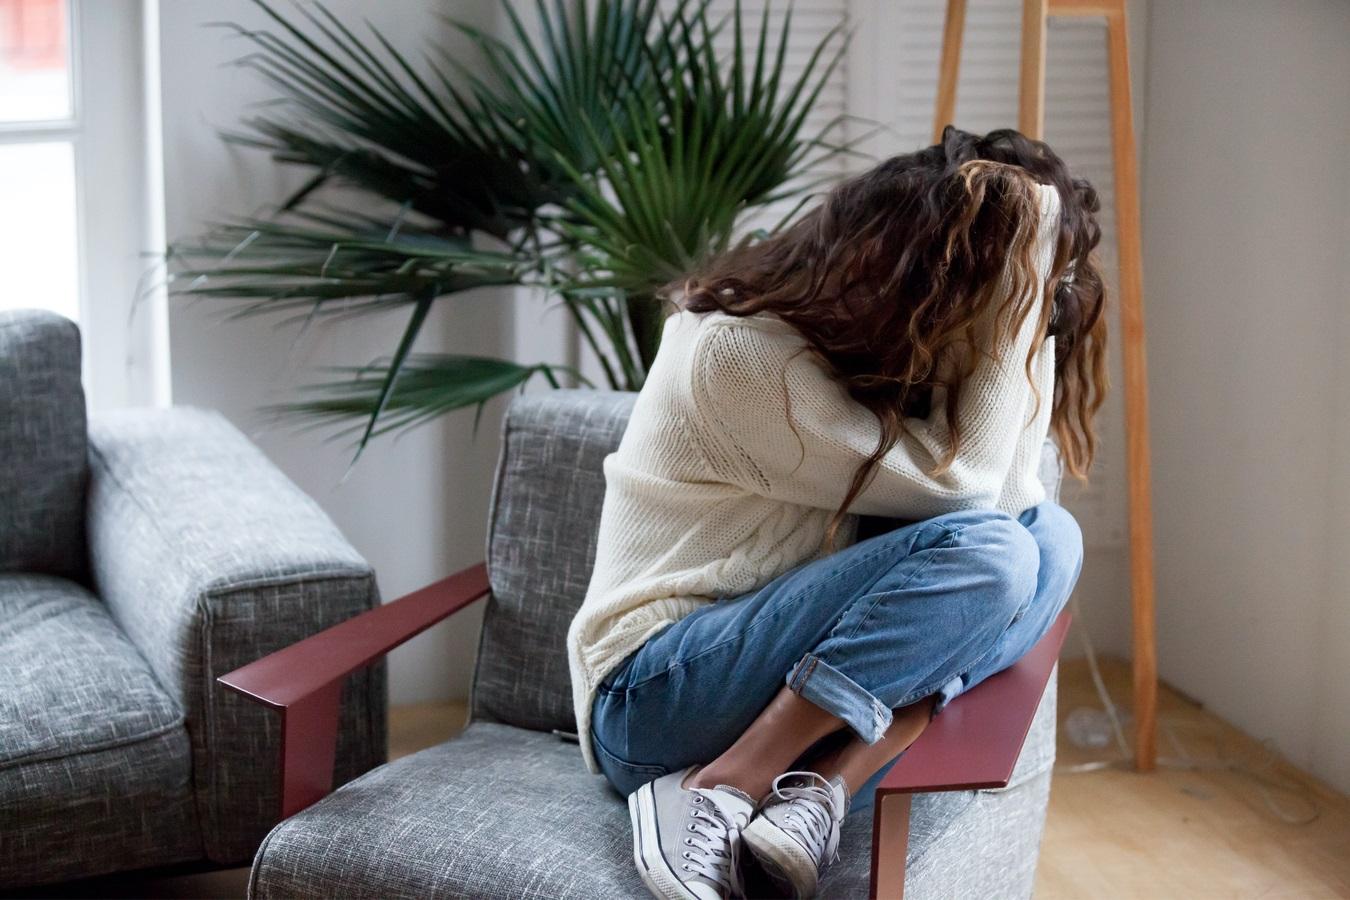 Comment faire pour calmer une femme nerveuse?